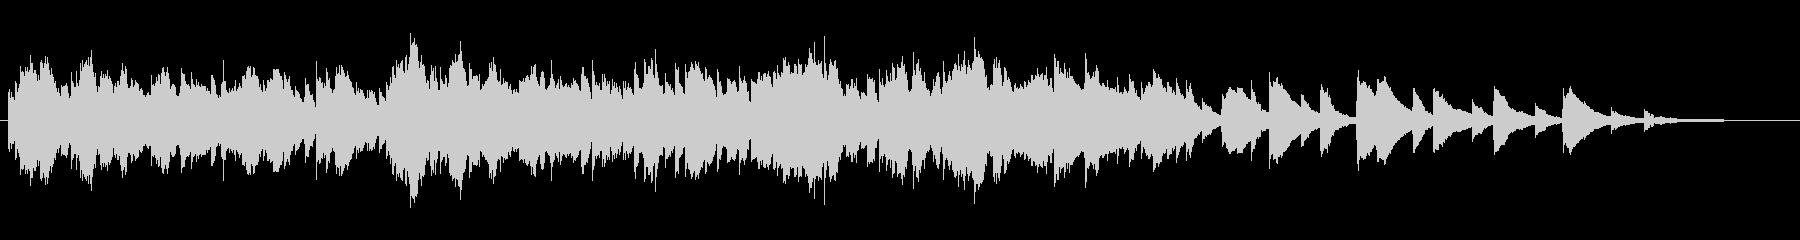 祈り・バロック音楽ピアノソロの未再生の波形